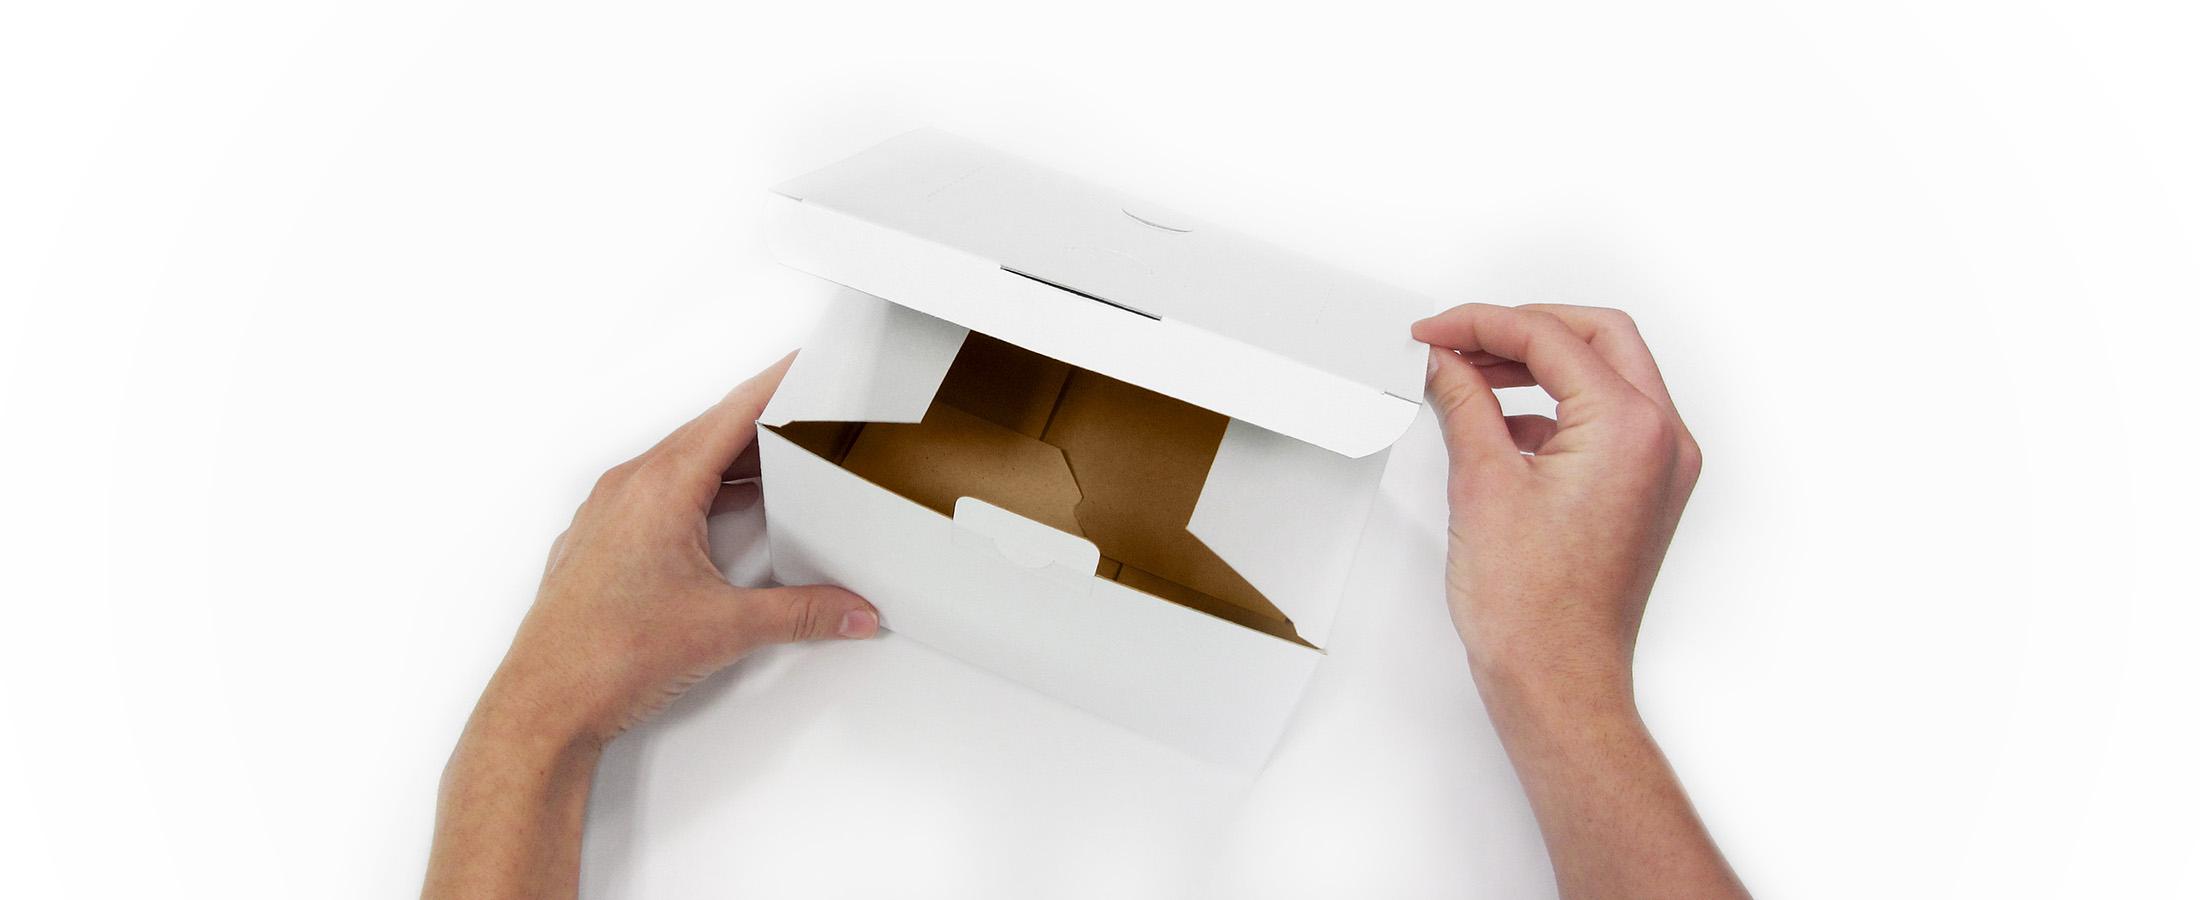 lampa_packaging_prodotti-2200x900